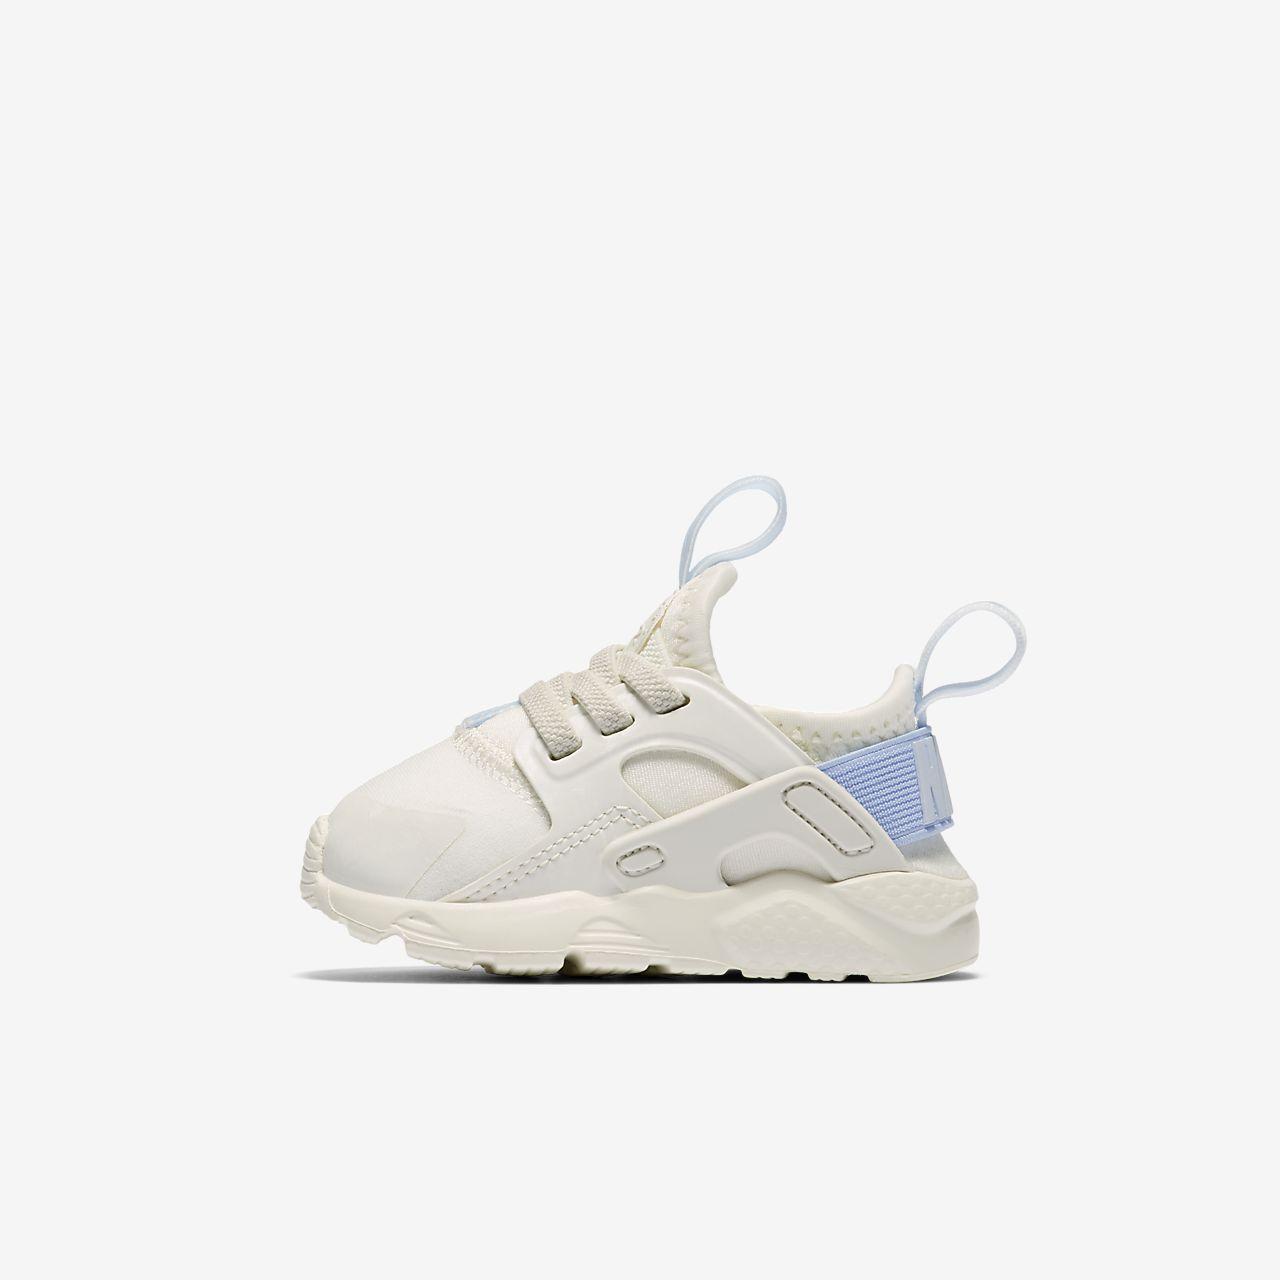 54085ed60135b Chaussure Nike Huarache Ultra pour Bébé Petit enfant ...